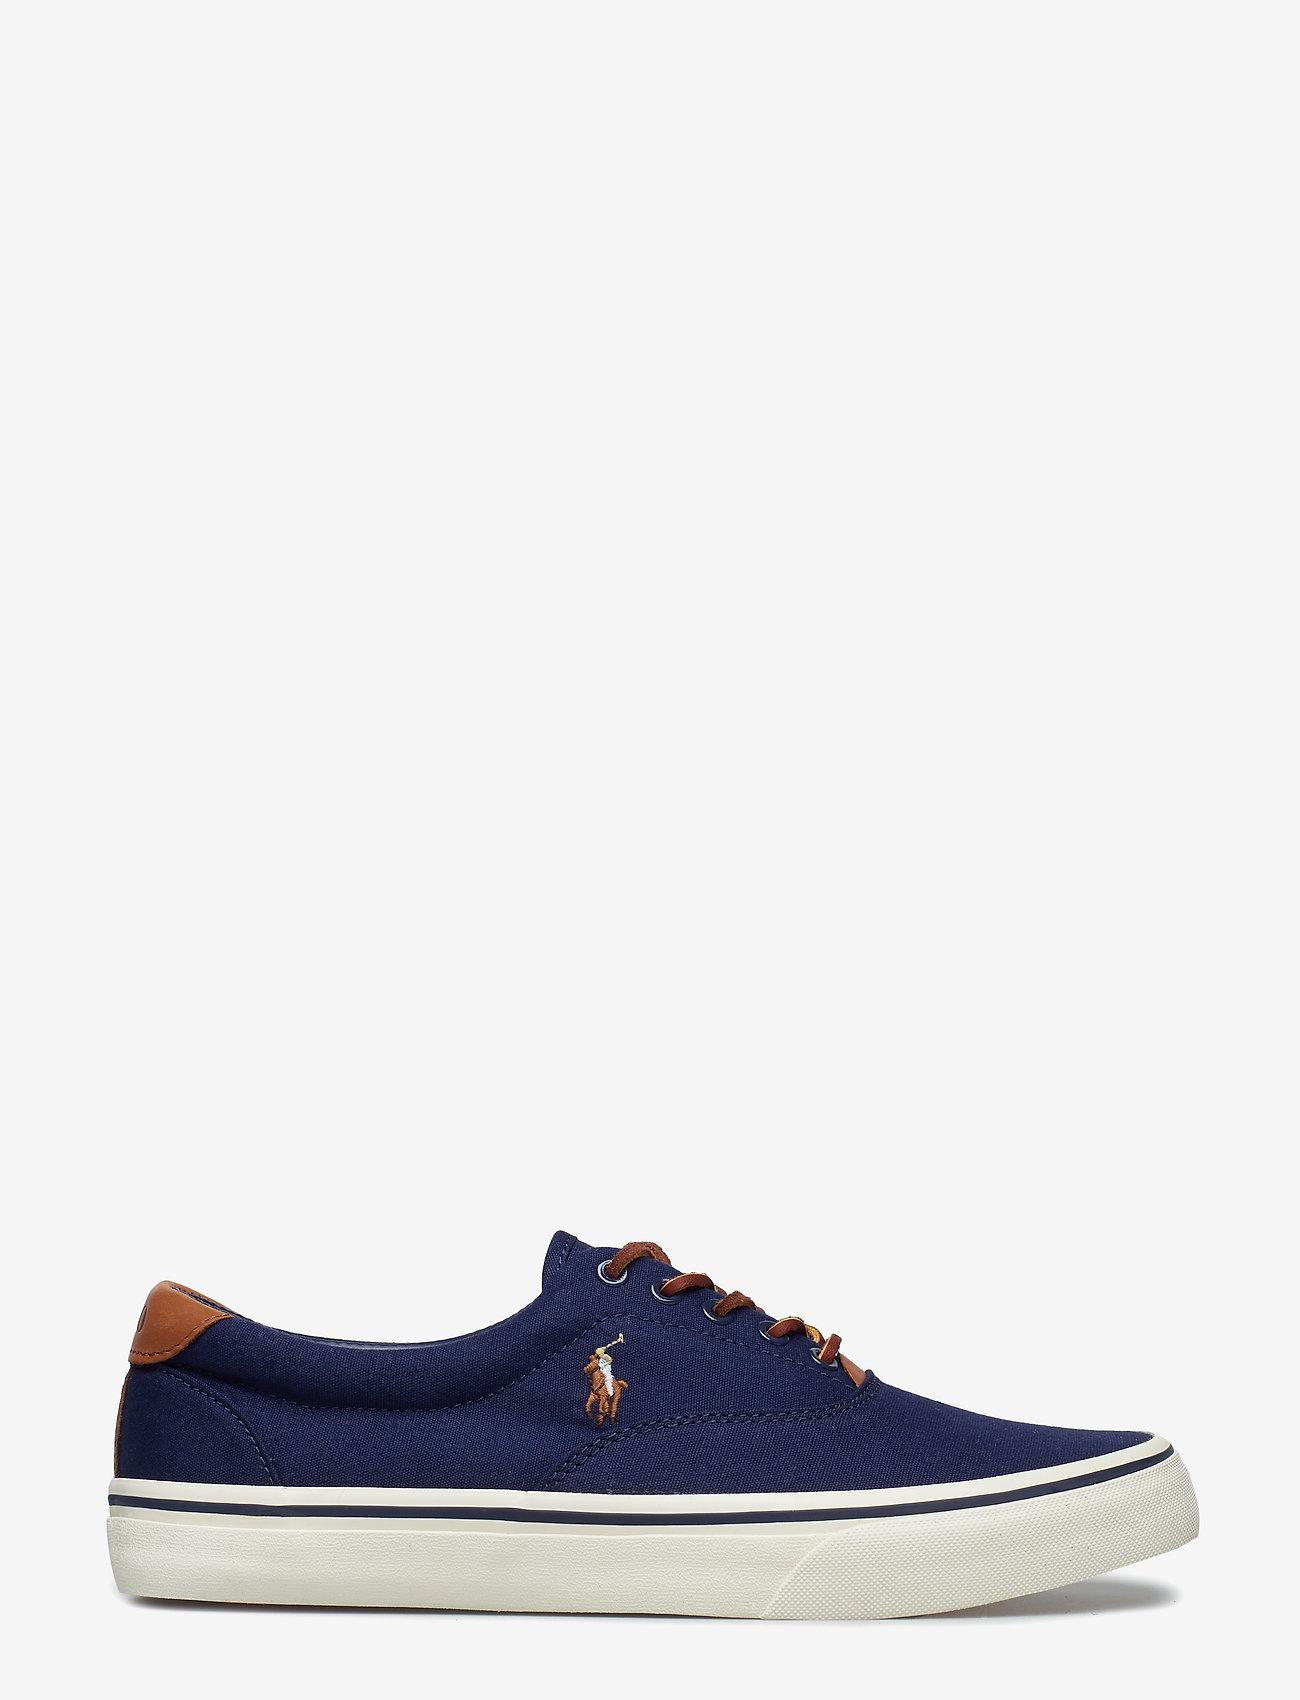 Polo Ralph Lauren Thorton Canvas Sneaker - Sneakers NEWPORT NAVY - Schuhe Billige